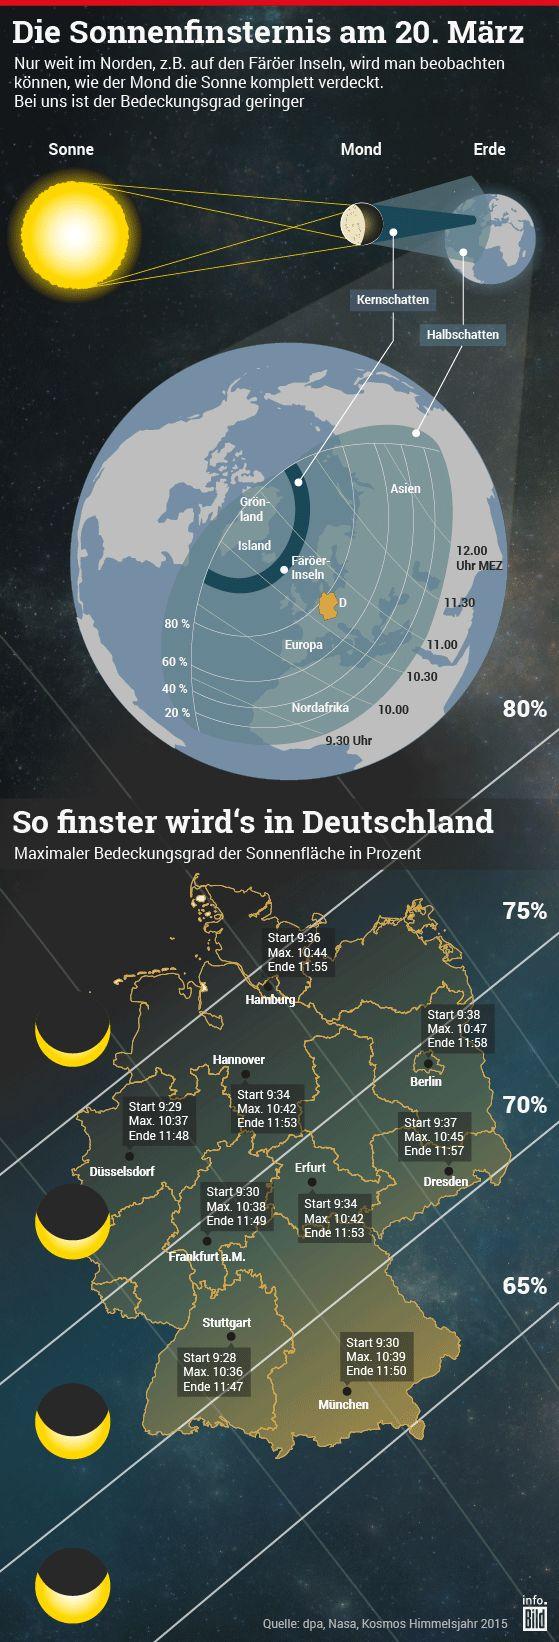 http://www.bild.de/news/inland/sonnenfinsternis/live-stream-die-besten-fotos-lustigsten-tweets-40227198.bild.html